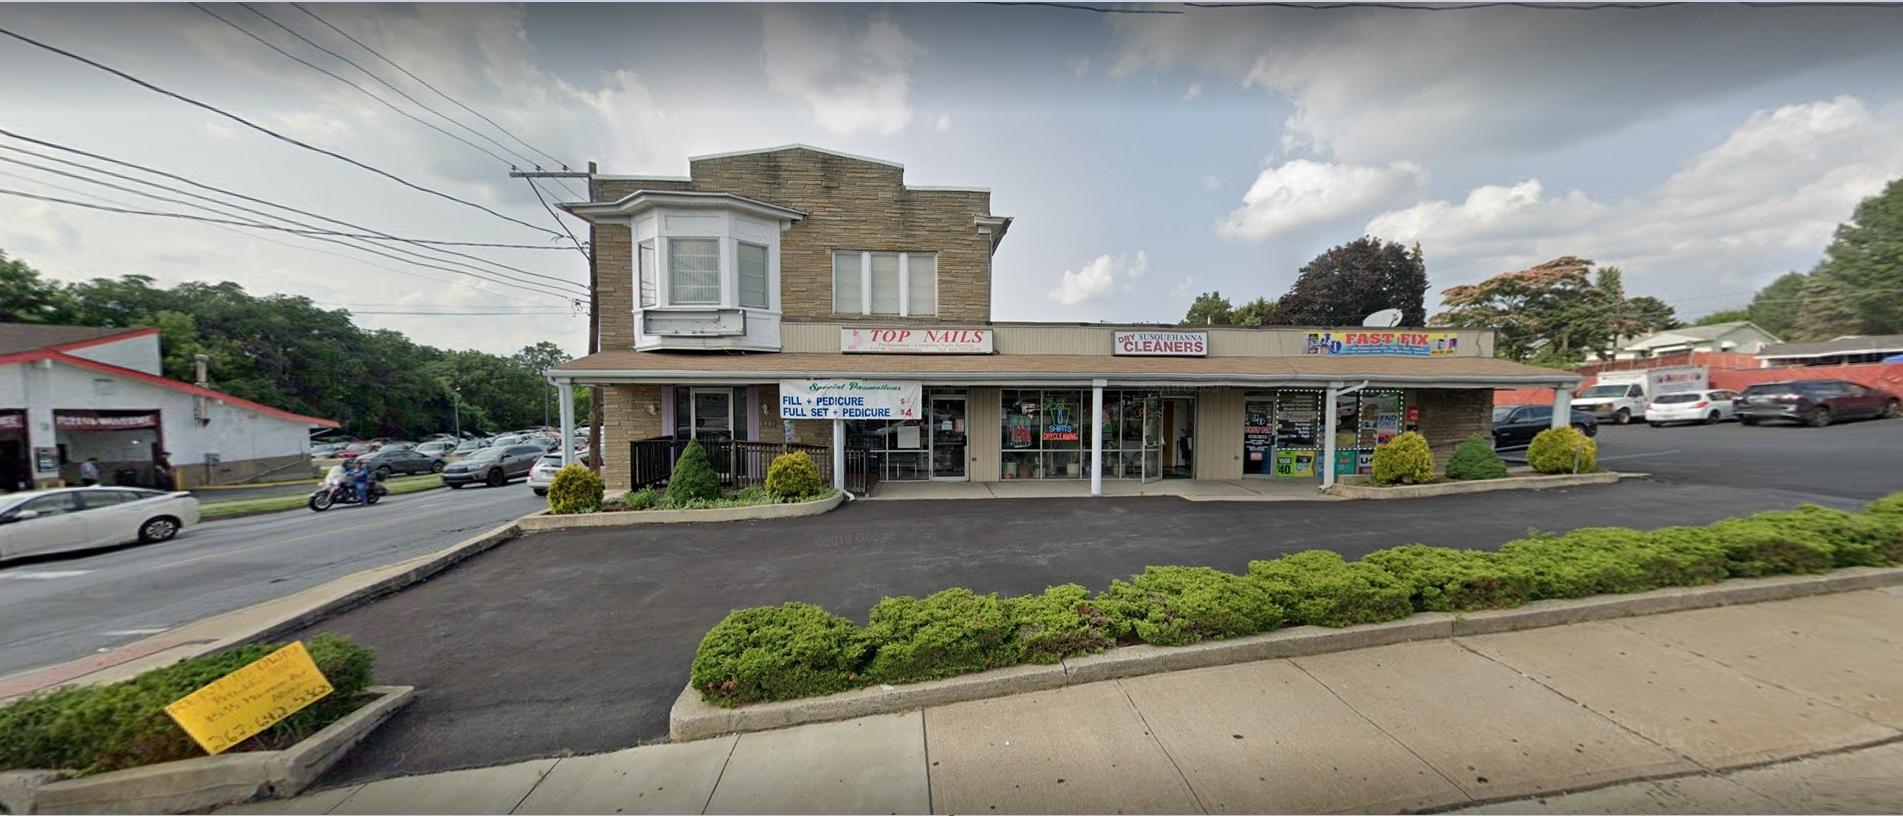 J&O Fast Fix 373 W Susquehanna St Allentown PA 18103